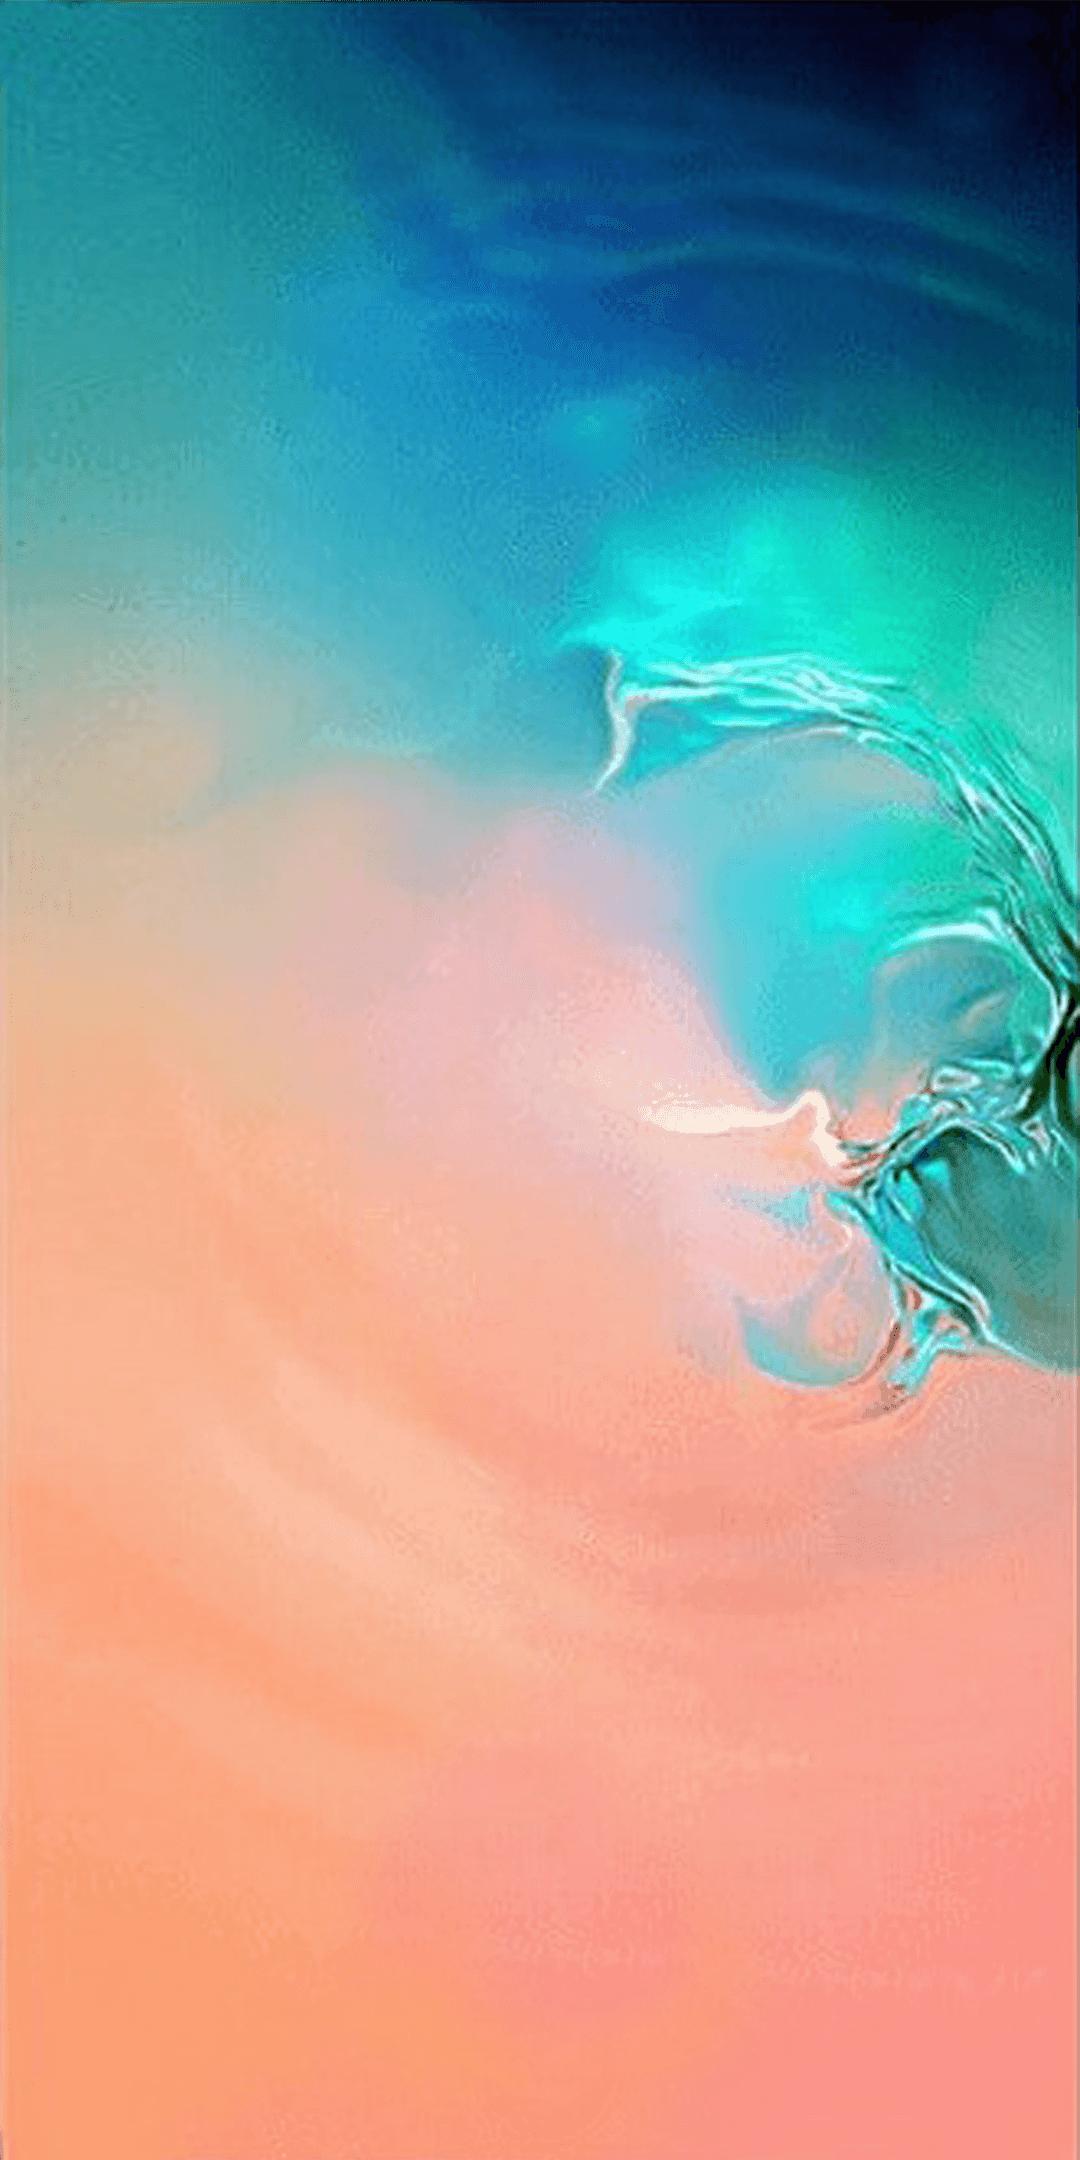 Samsung Galaxy S10 Wallpapers: Download aller Hintergrundbilder 2